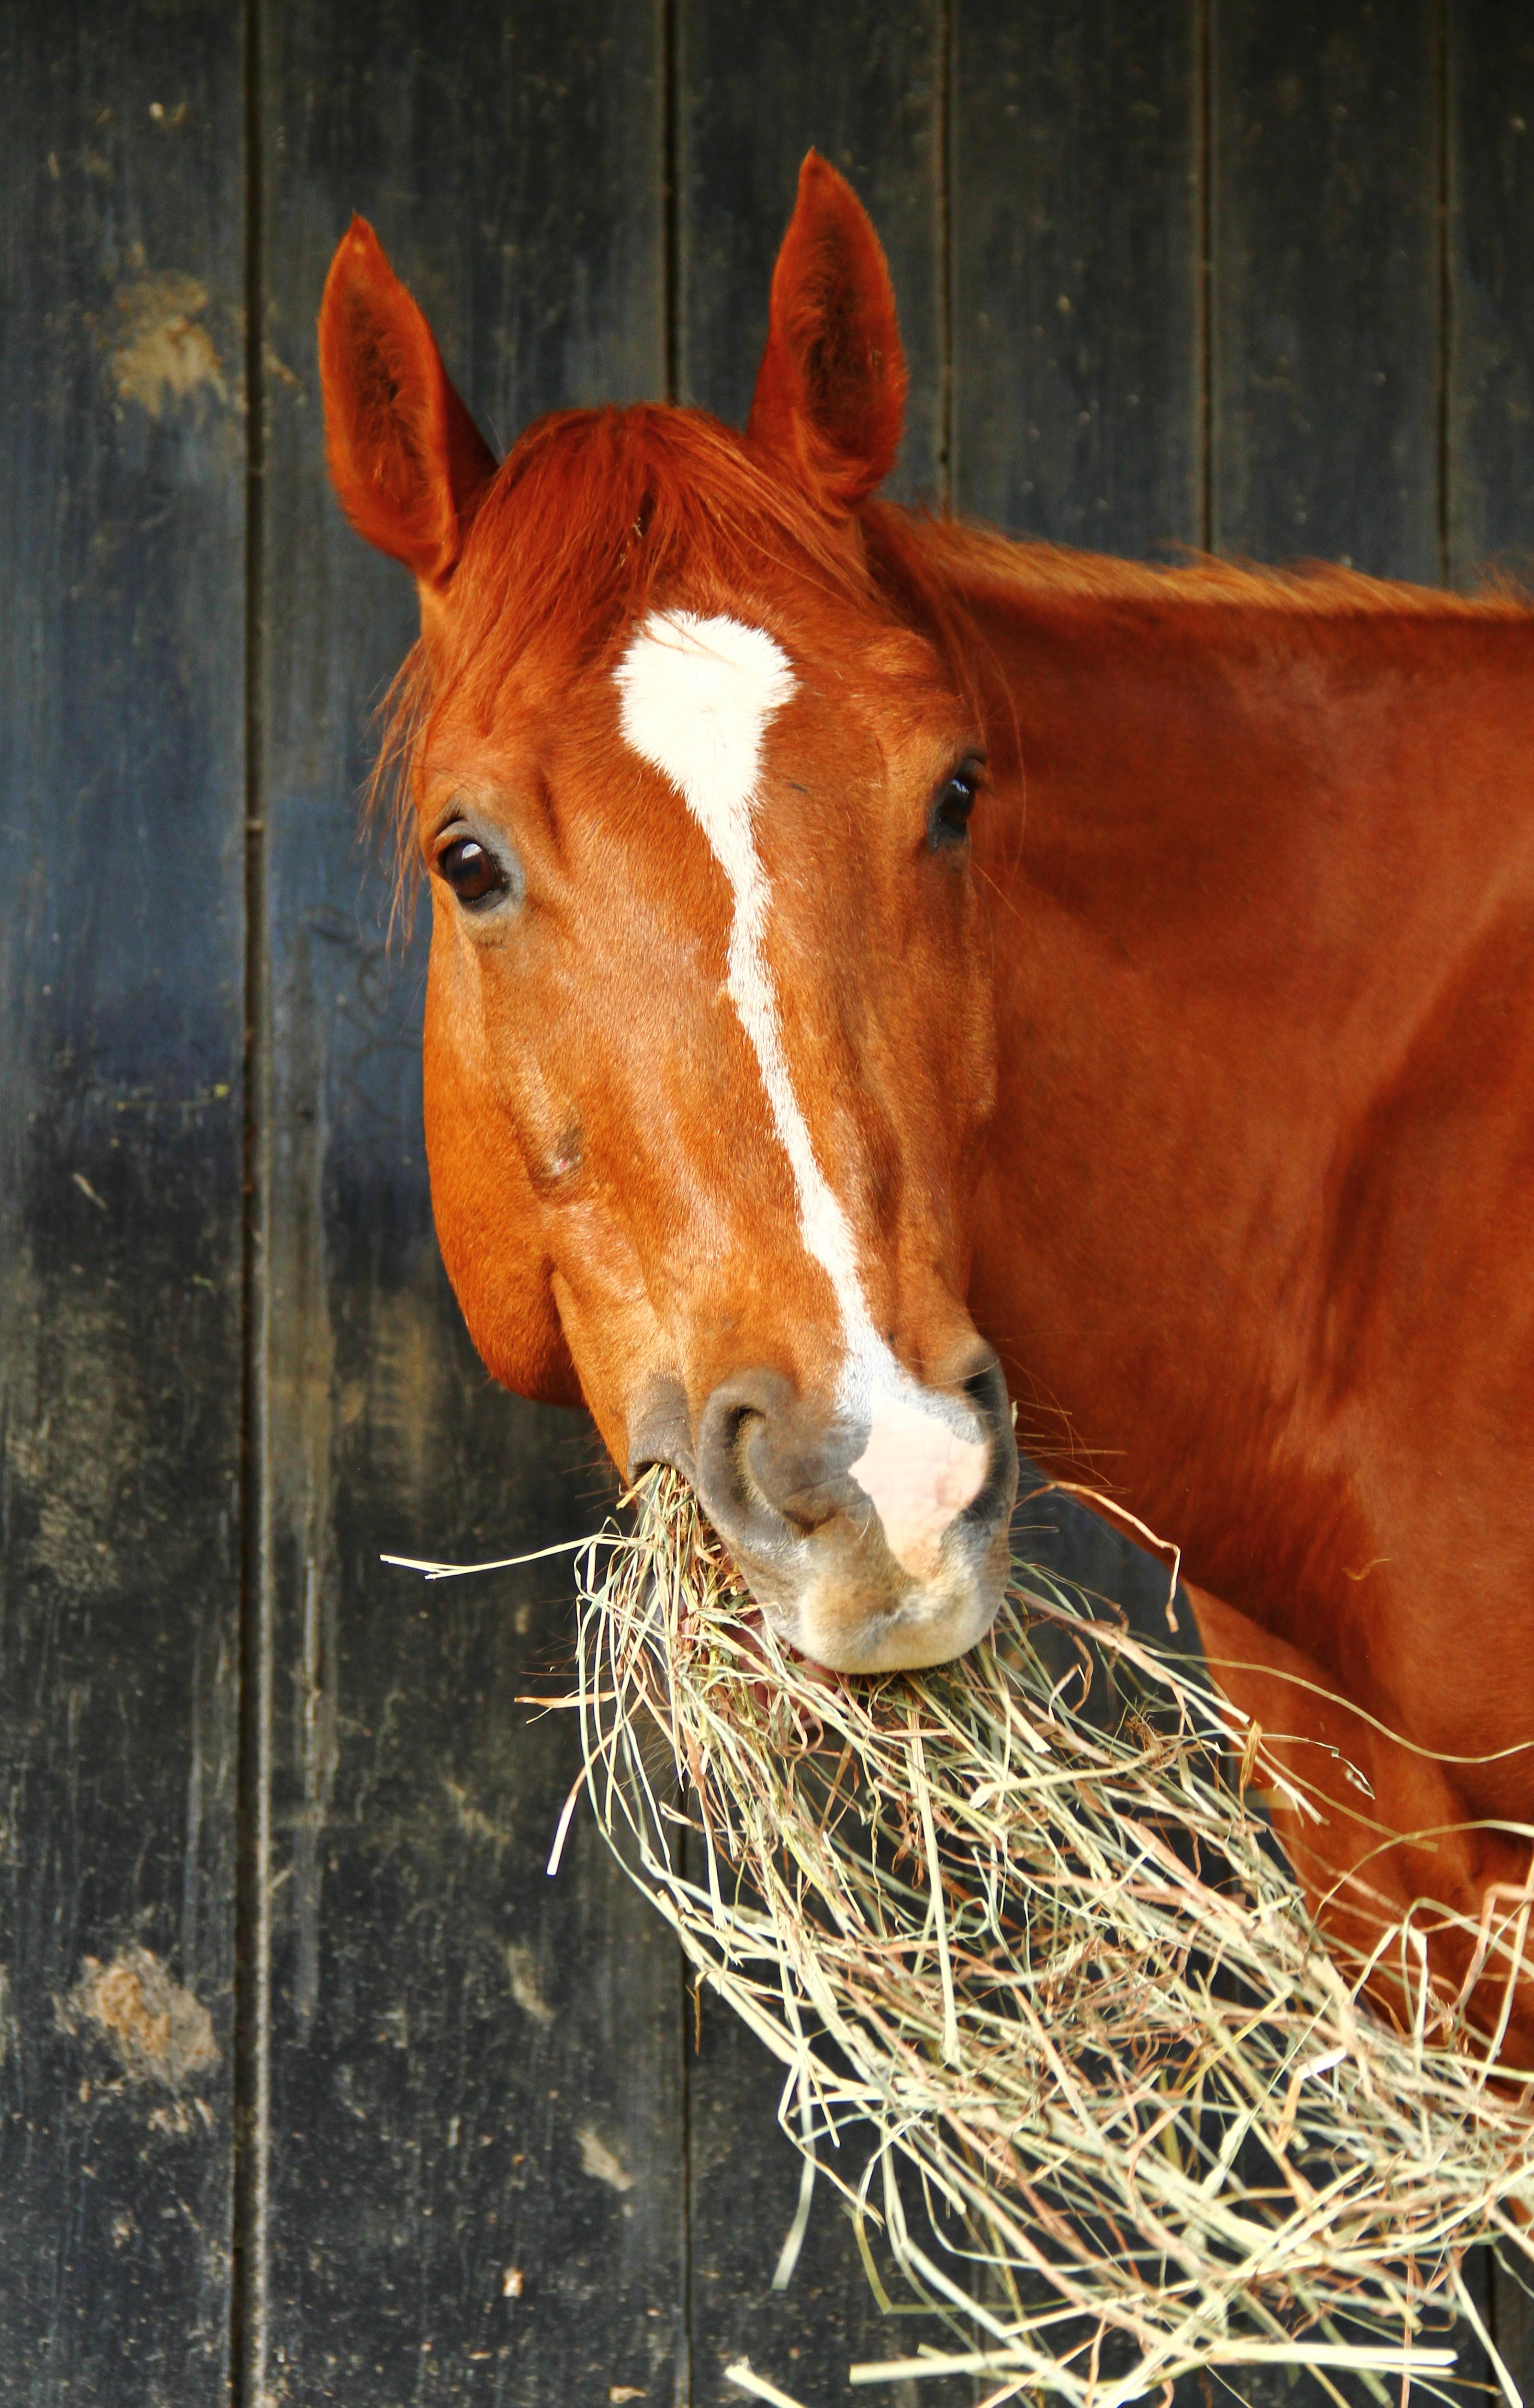 A Zippy Horse